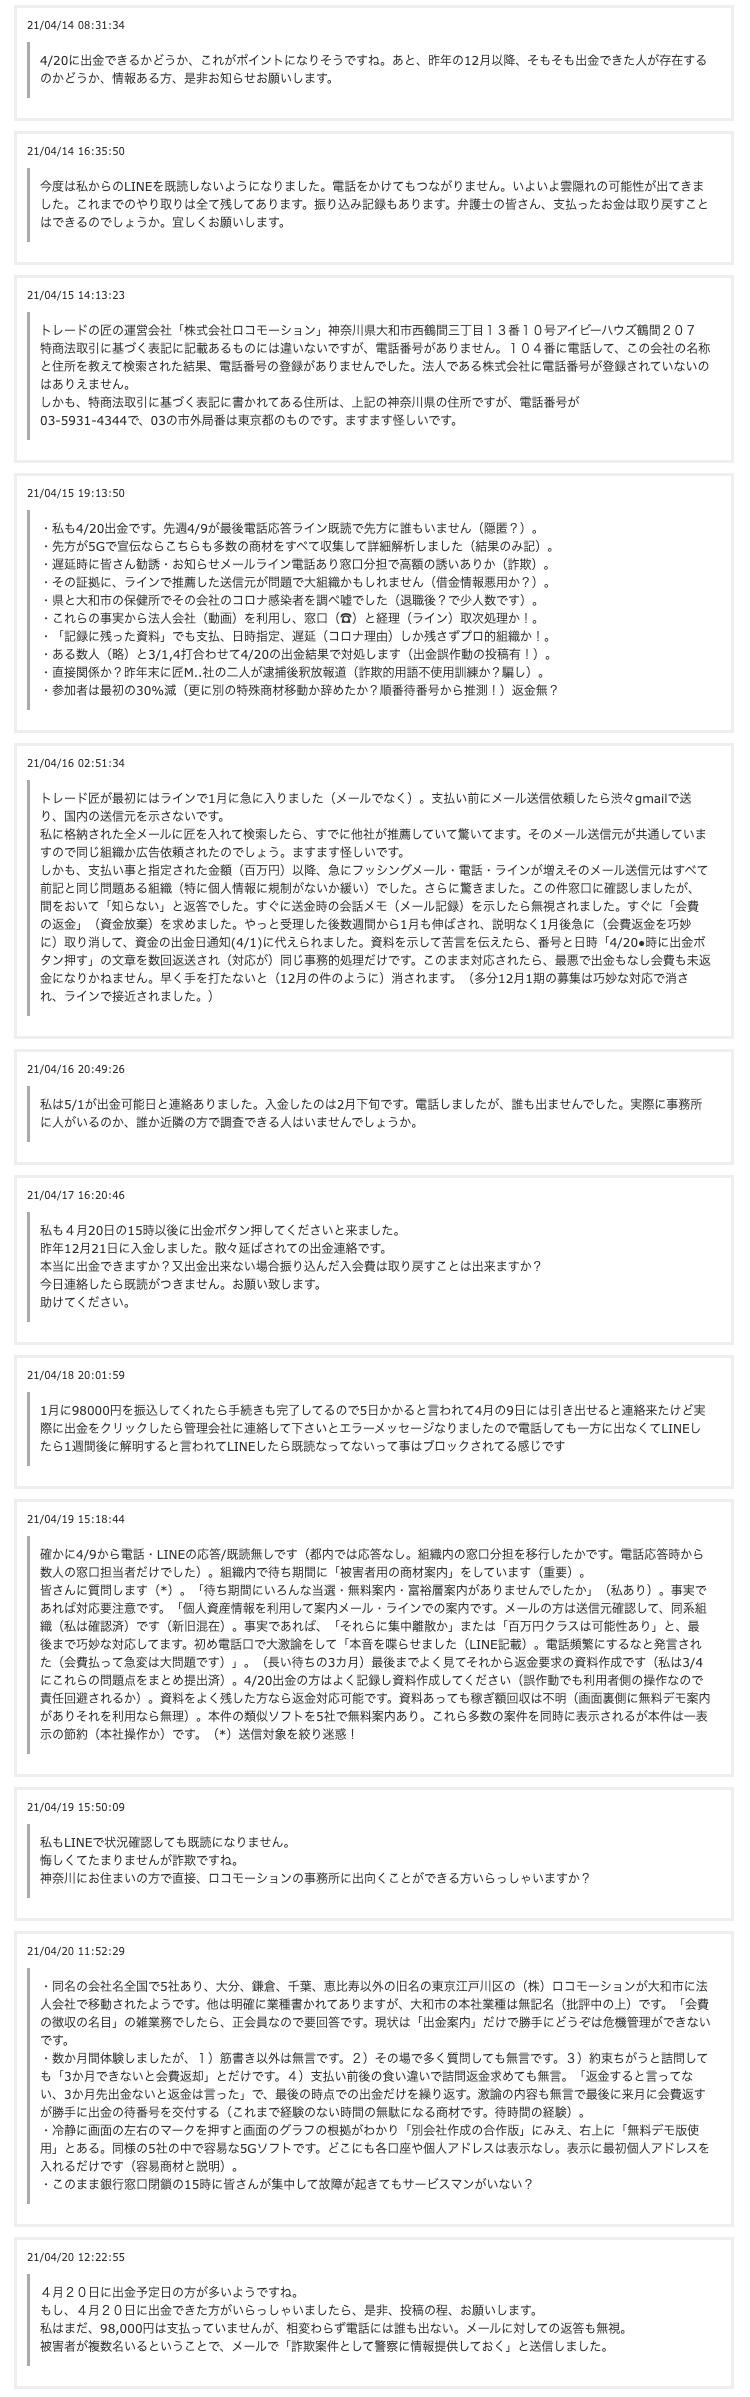 トレードの匠 株式会社ロコモーション 詐欺被害報告